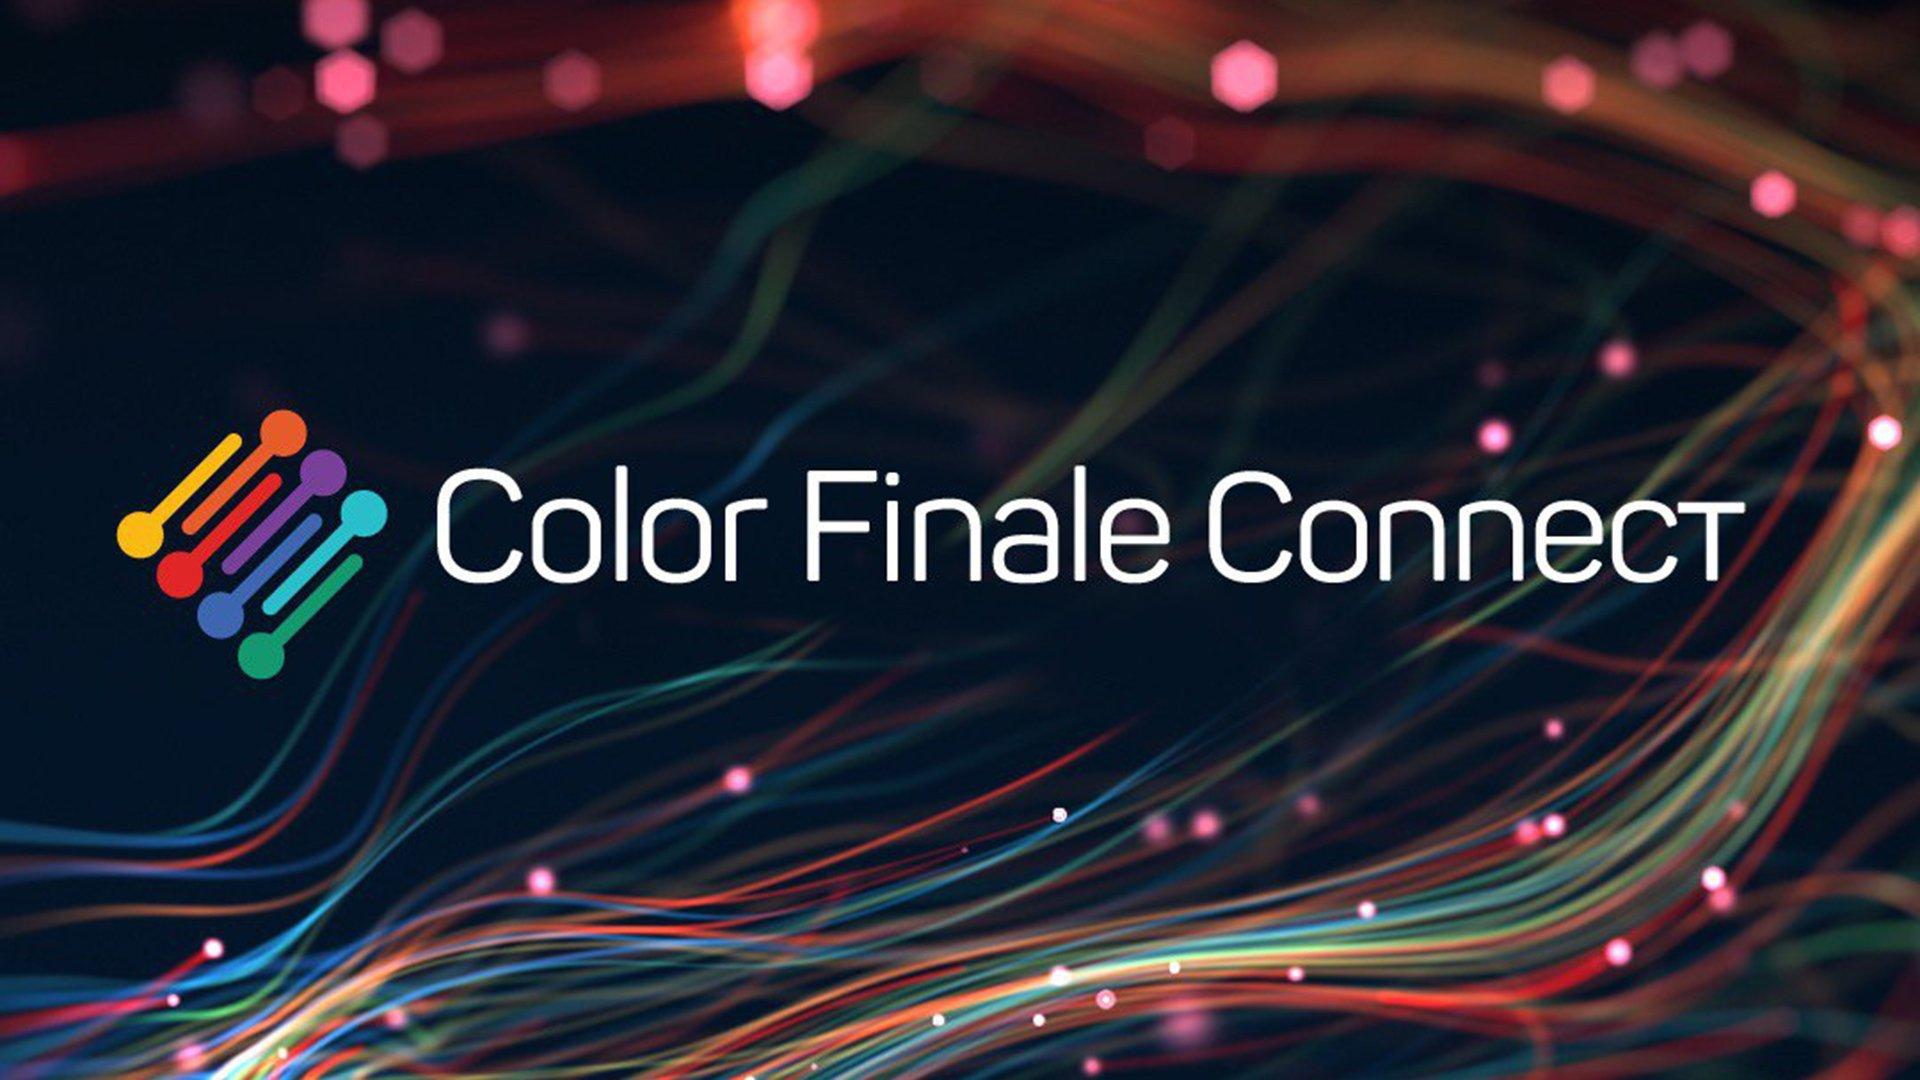 Colour Finale Connect